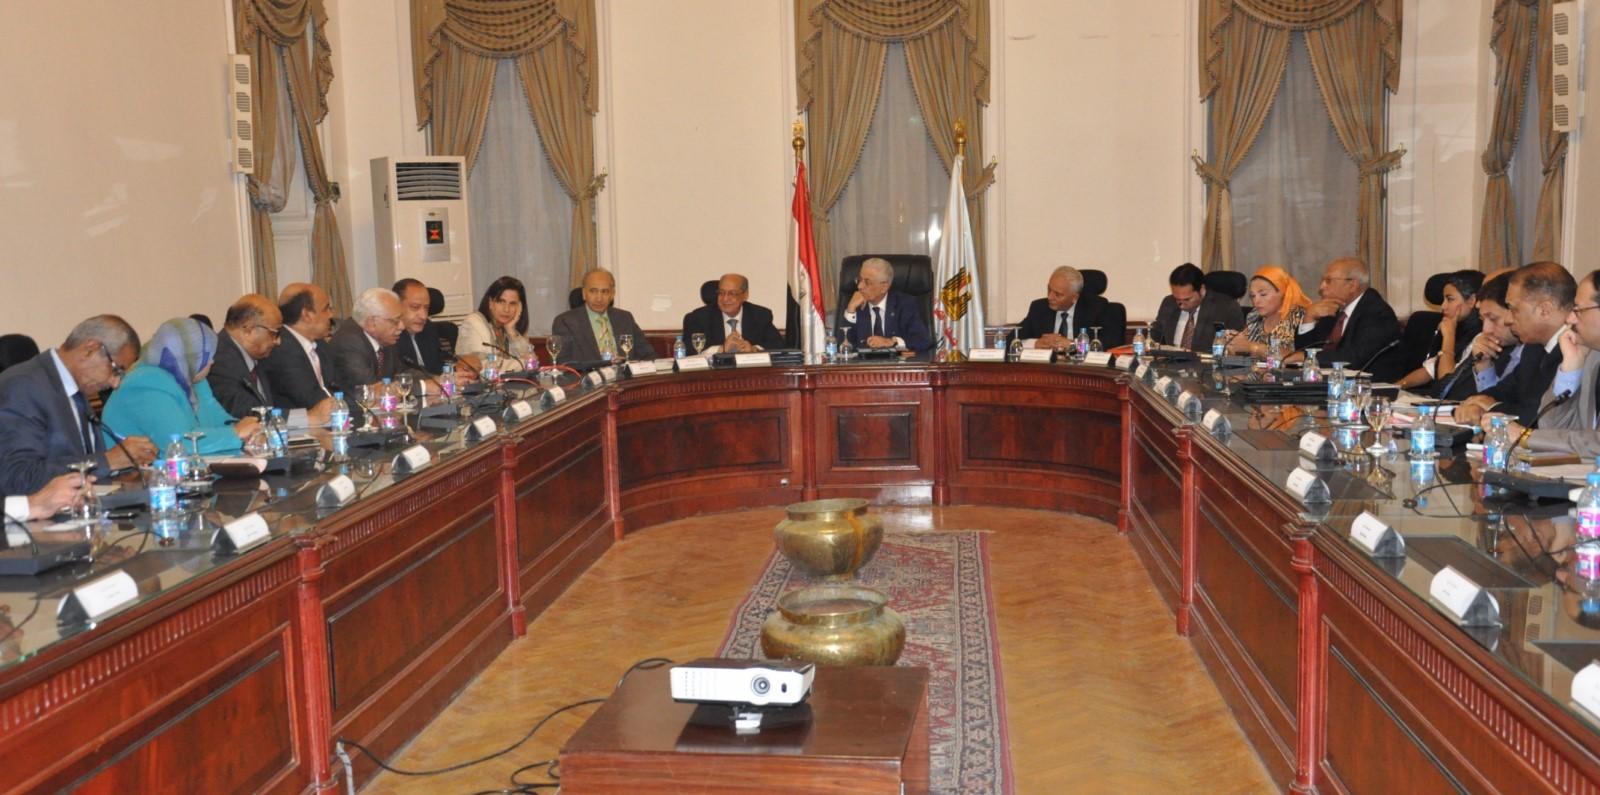 اجتماع قيادات التربية والتعليم مع عمداء الكليات لتطوير التعليم (4)